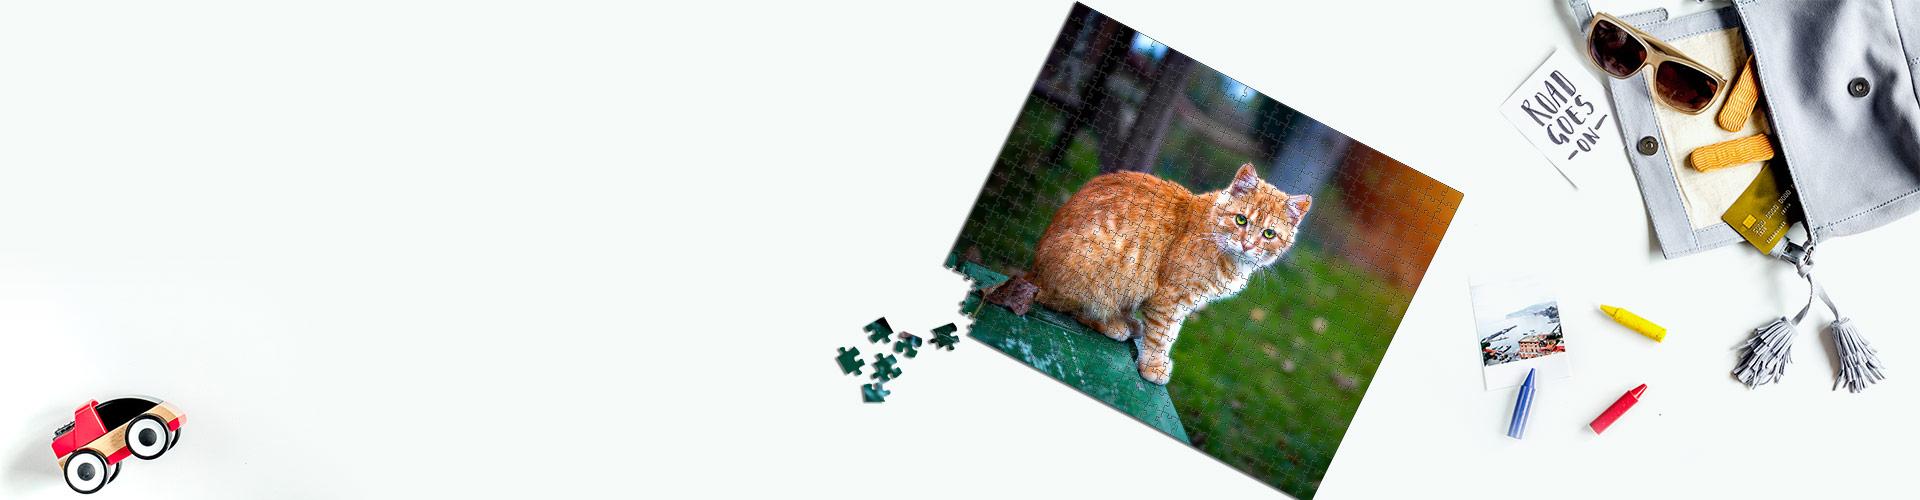 Photo Puzzle 500 Pieces